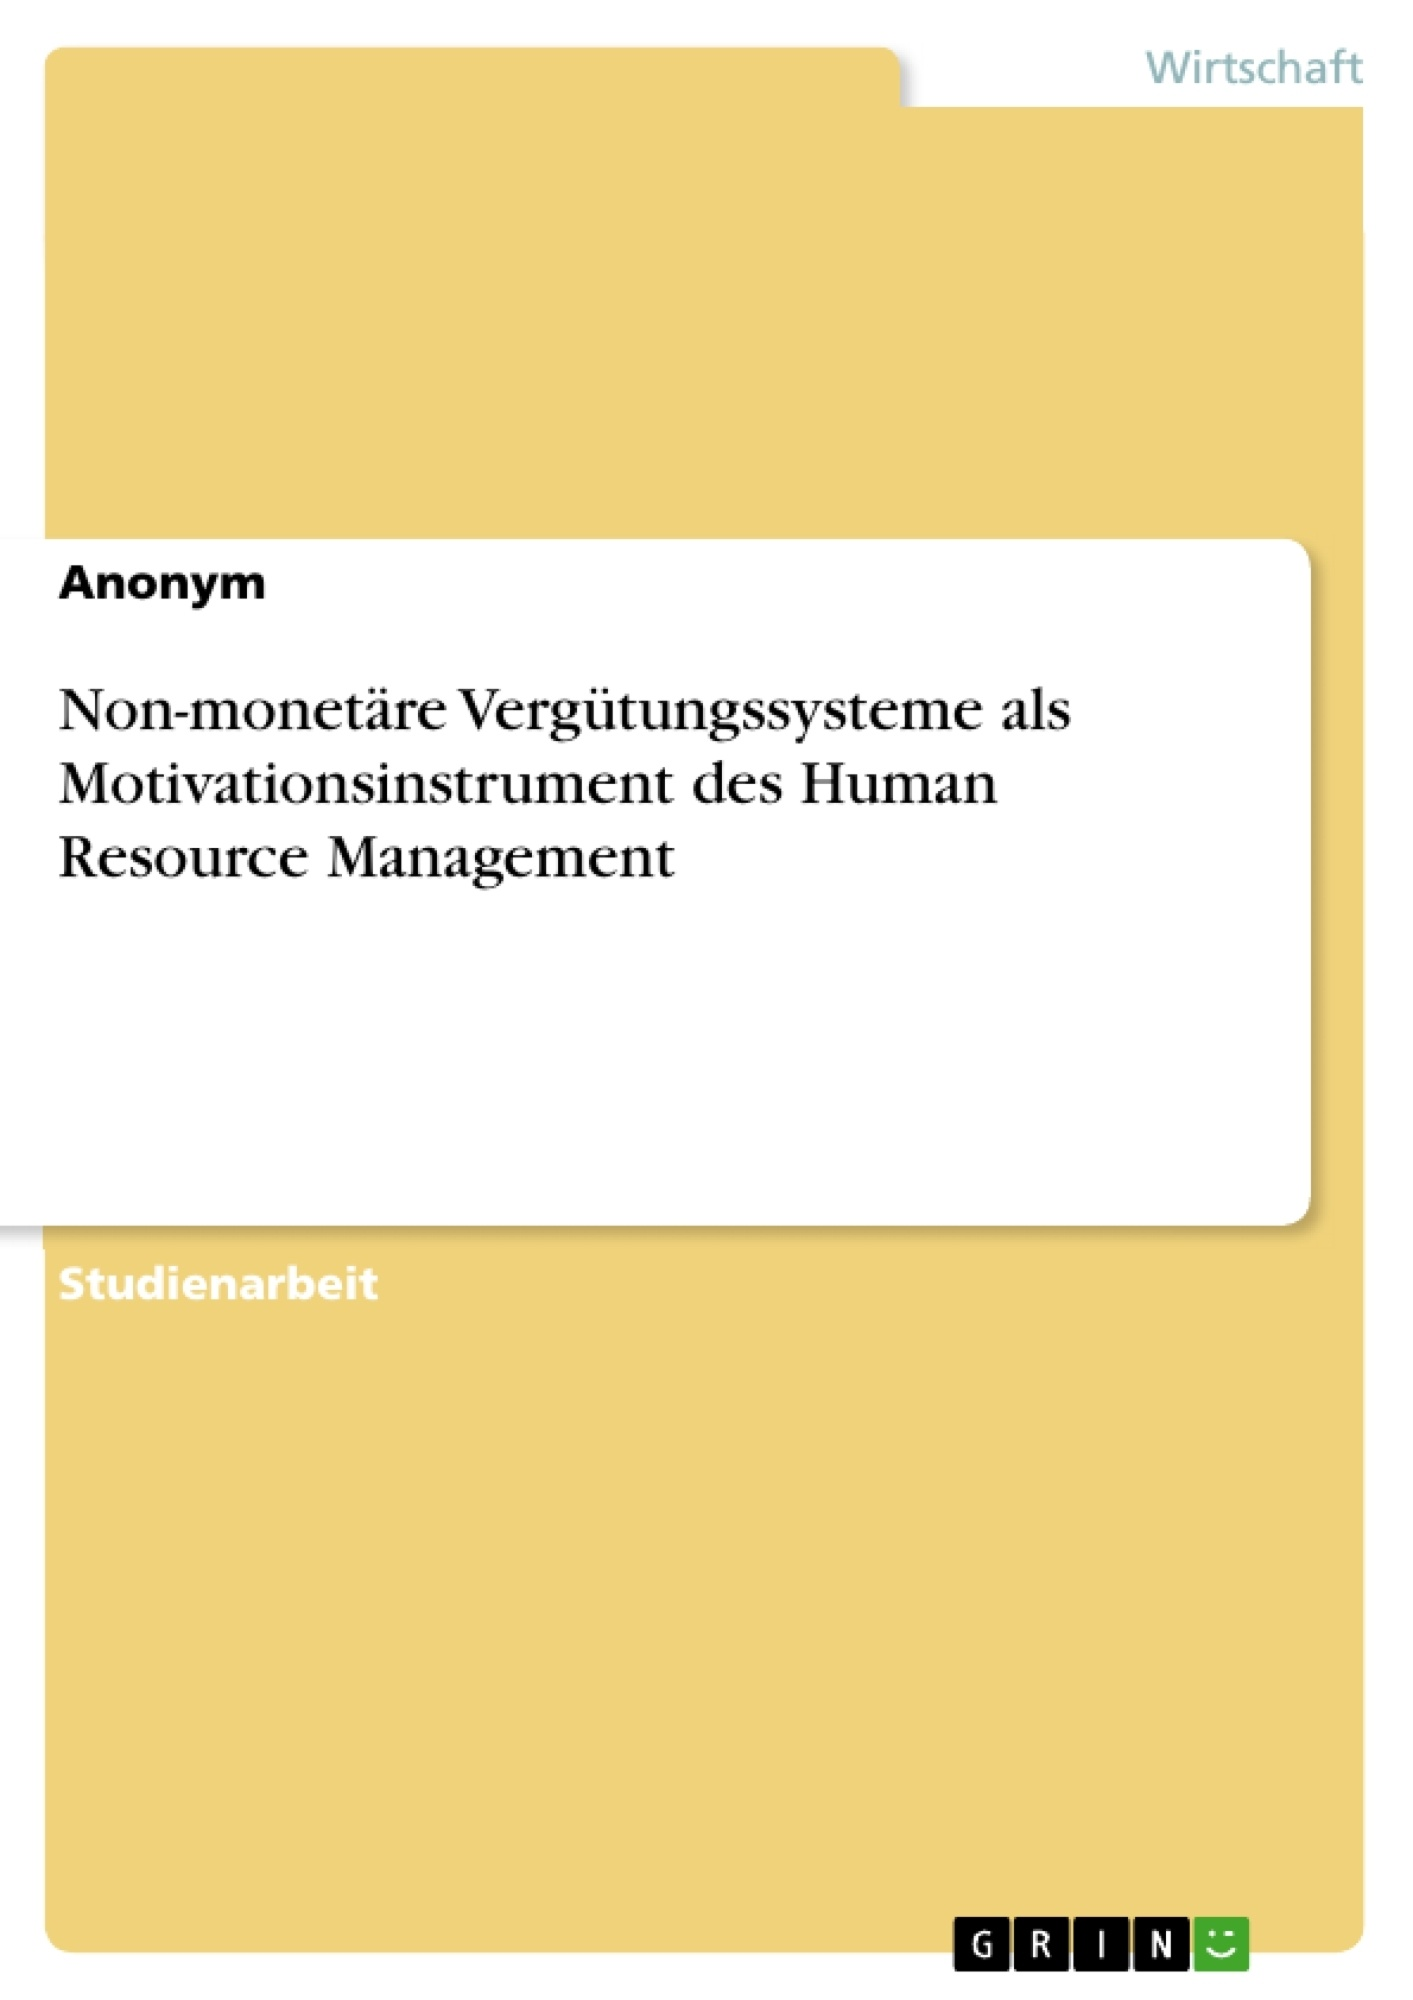 Titel: Non-monetäre Vergütungssysteme als Motivationsinstrument des Human Resource Management